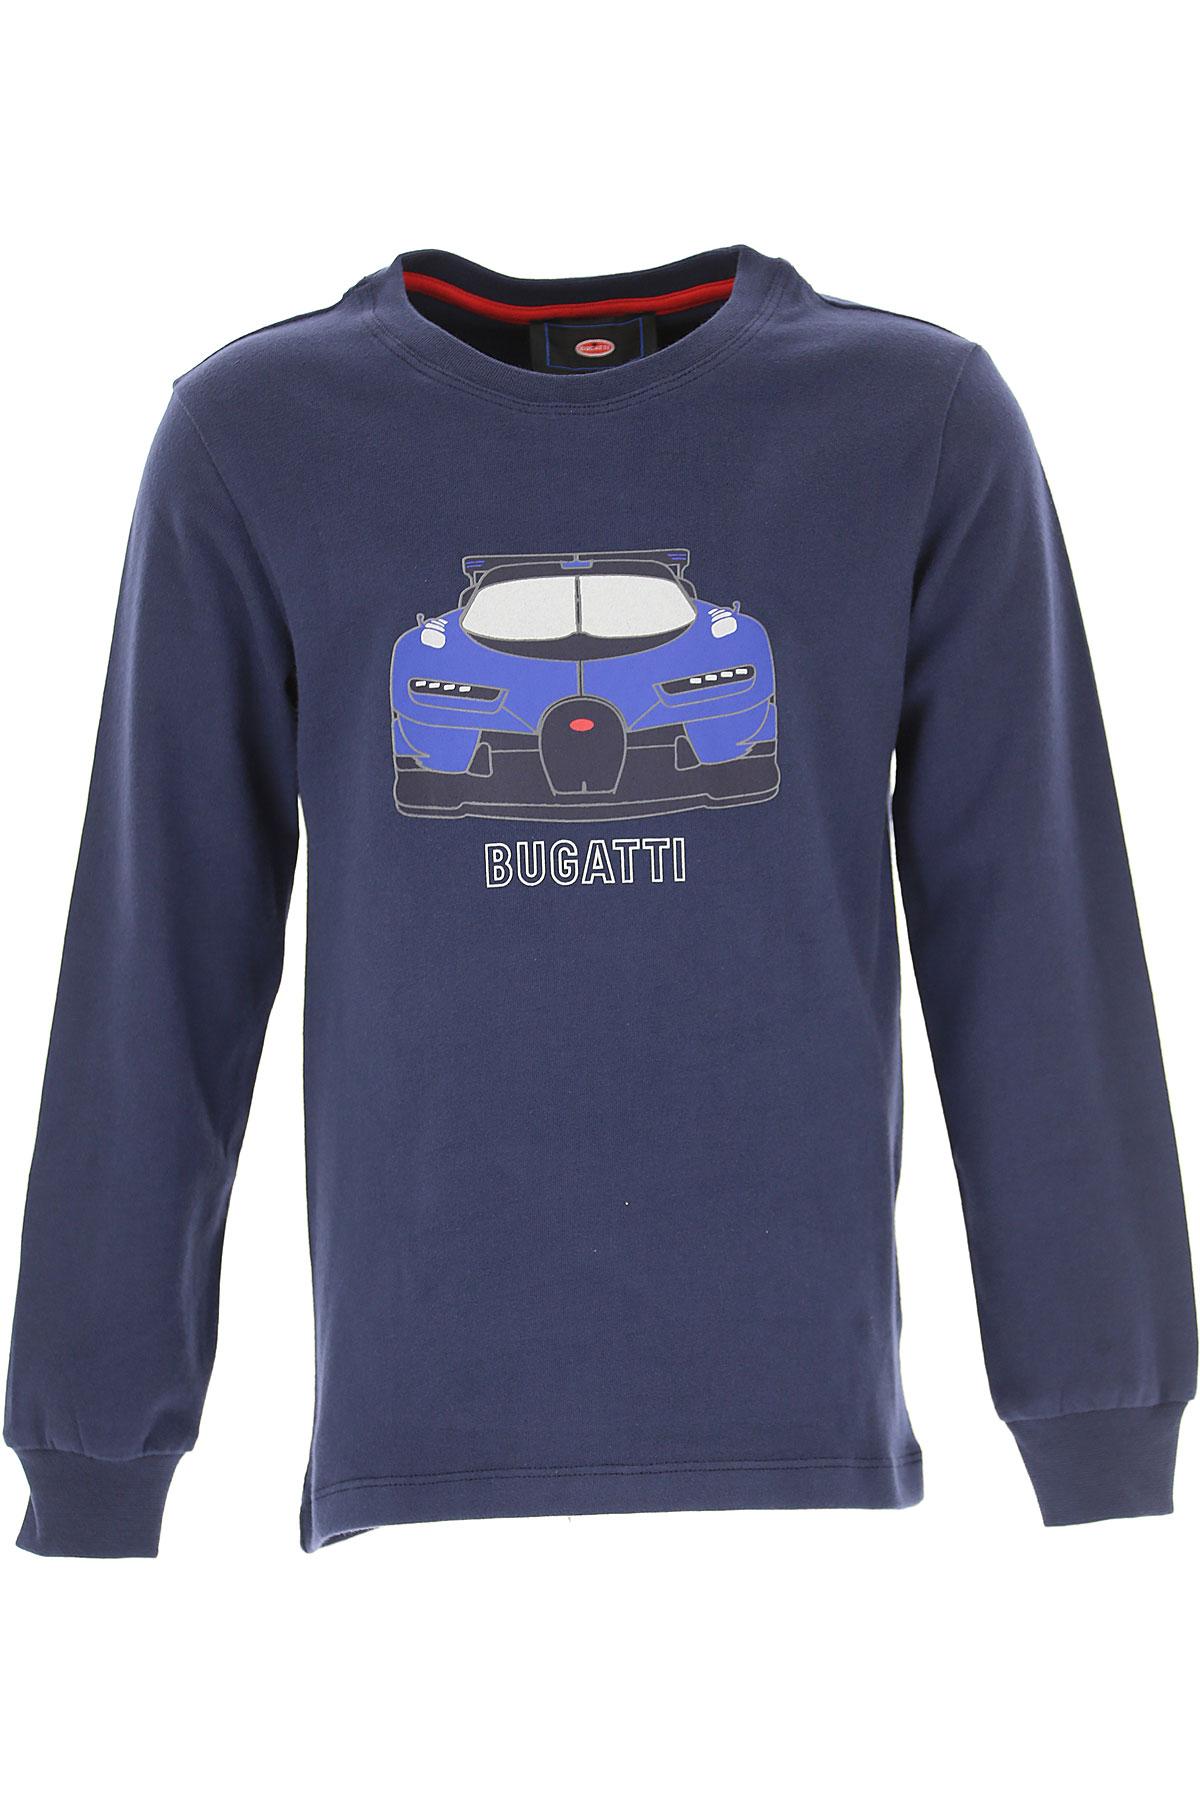 Bugatti Kids T-Shirt for Boys, Blue, Cotton, 2017, 2Y 3Y 4Y 5Y 6Y 7Y USA-487614